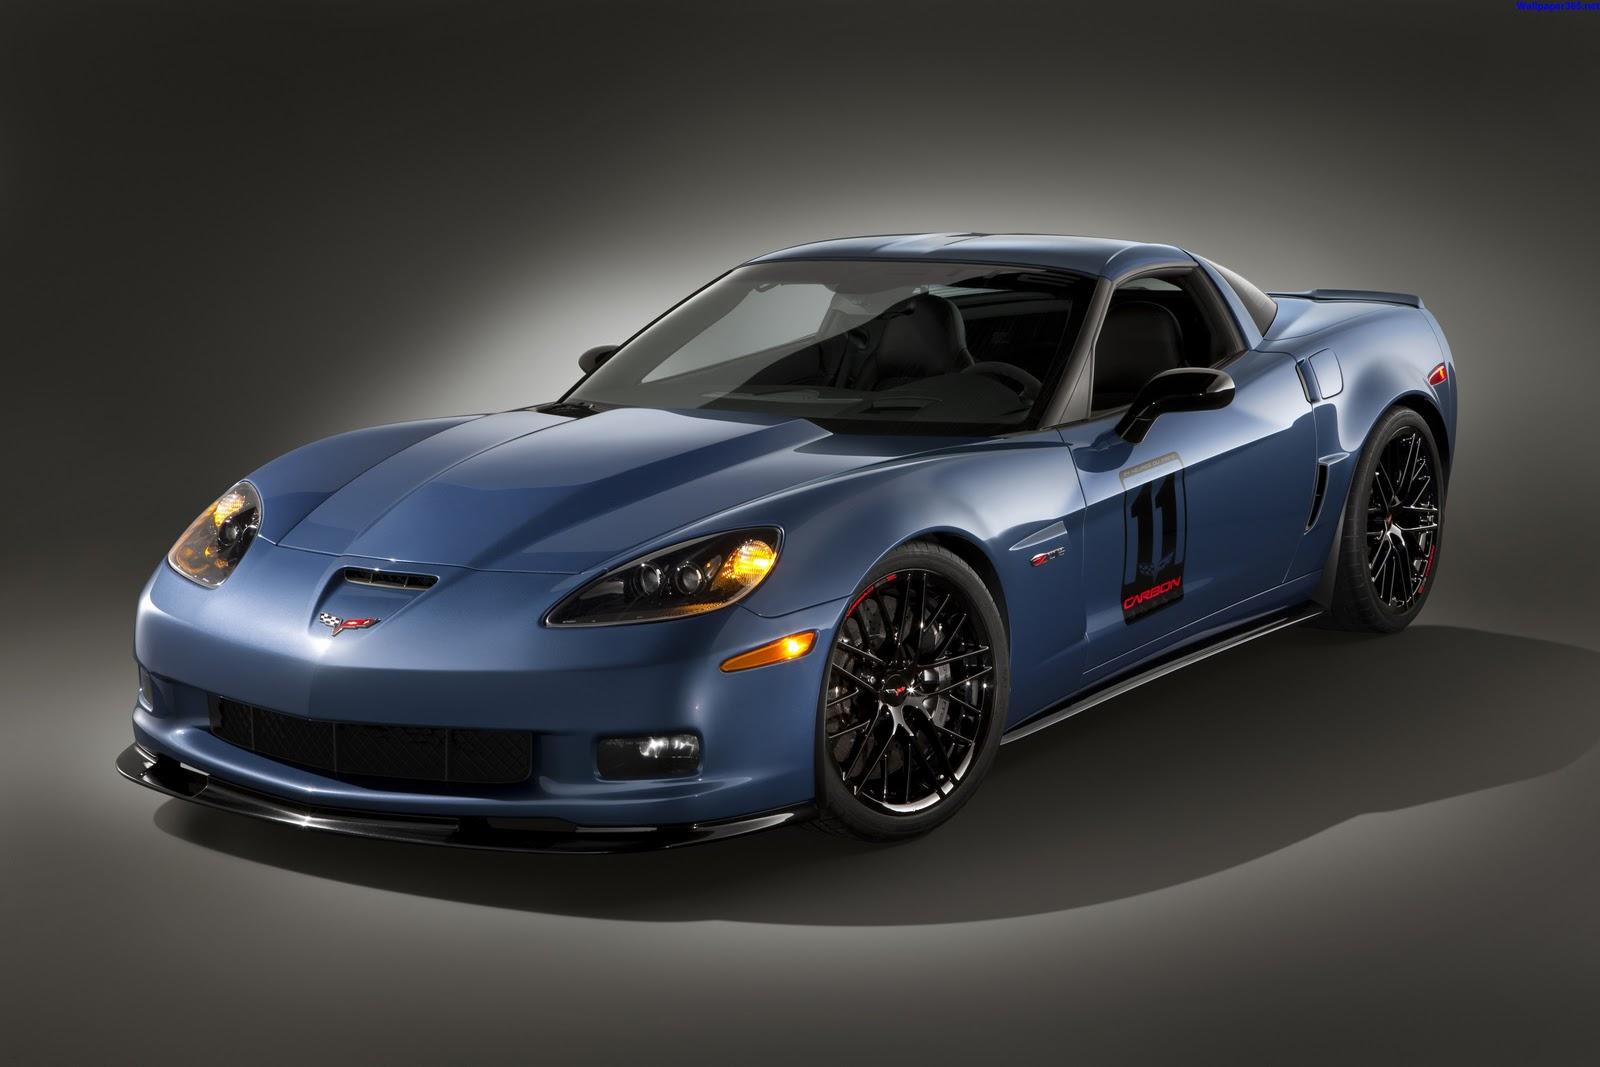 http://2.bp.blogspot.com/-iudQyUFv0gs/TpzaH66OS7I/AAAAAAAAAe0/QVUOHXwIz18/s1600/Chevrolet+Corvette+%252810%2529.jpg